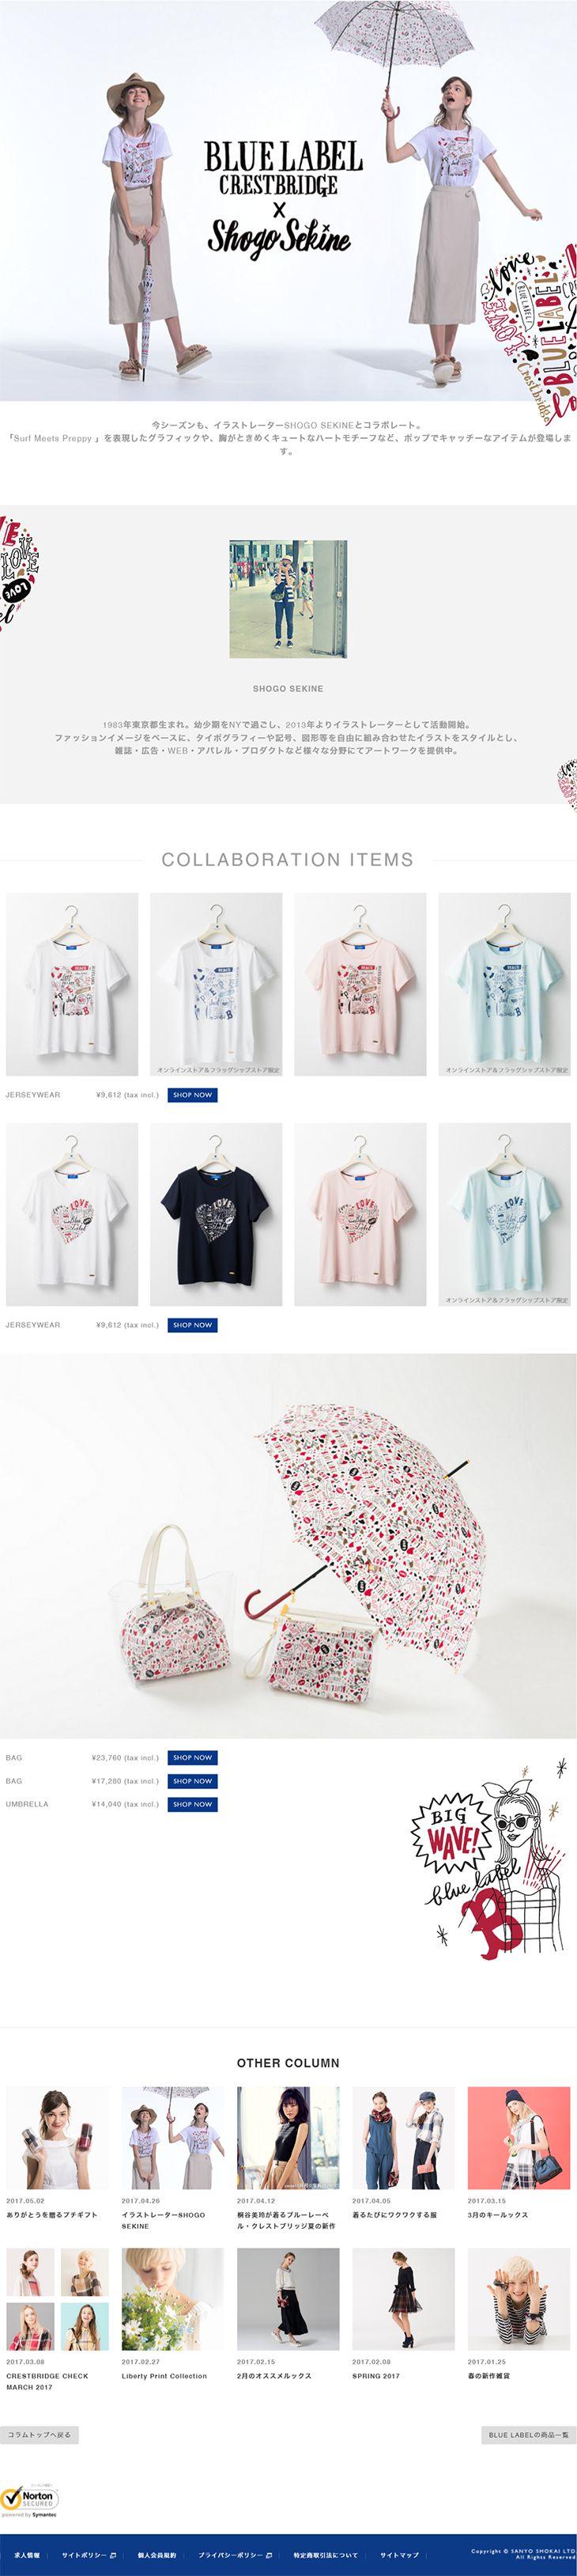 COLLABORATION WITH SHOGO SEKINE WEBデザイナーさん必見!ランディングページのデザイン参考に(かわいい系)